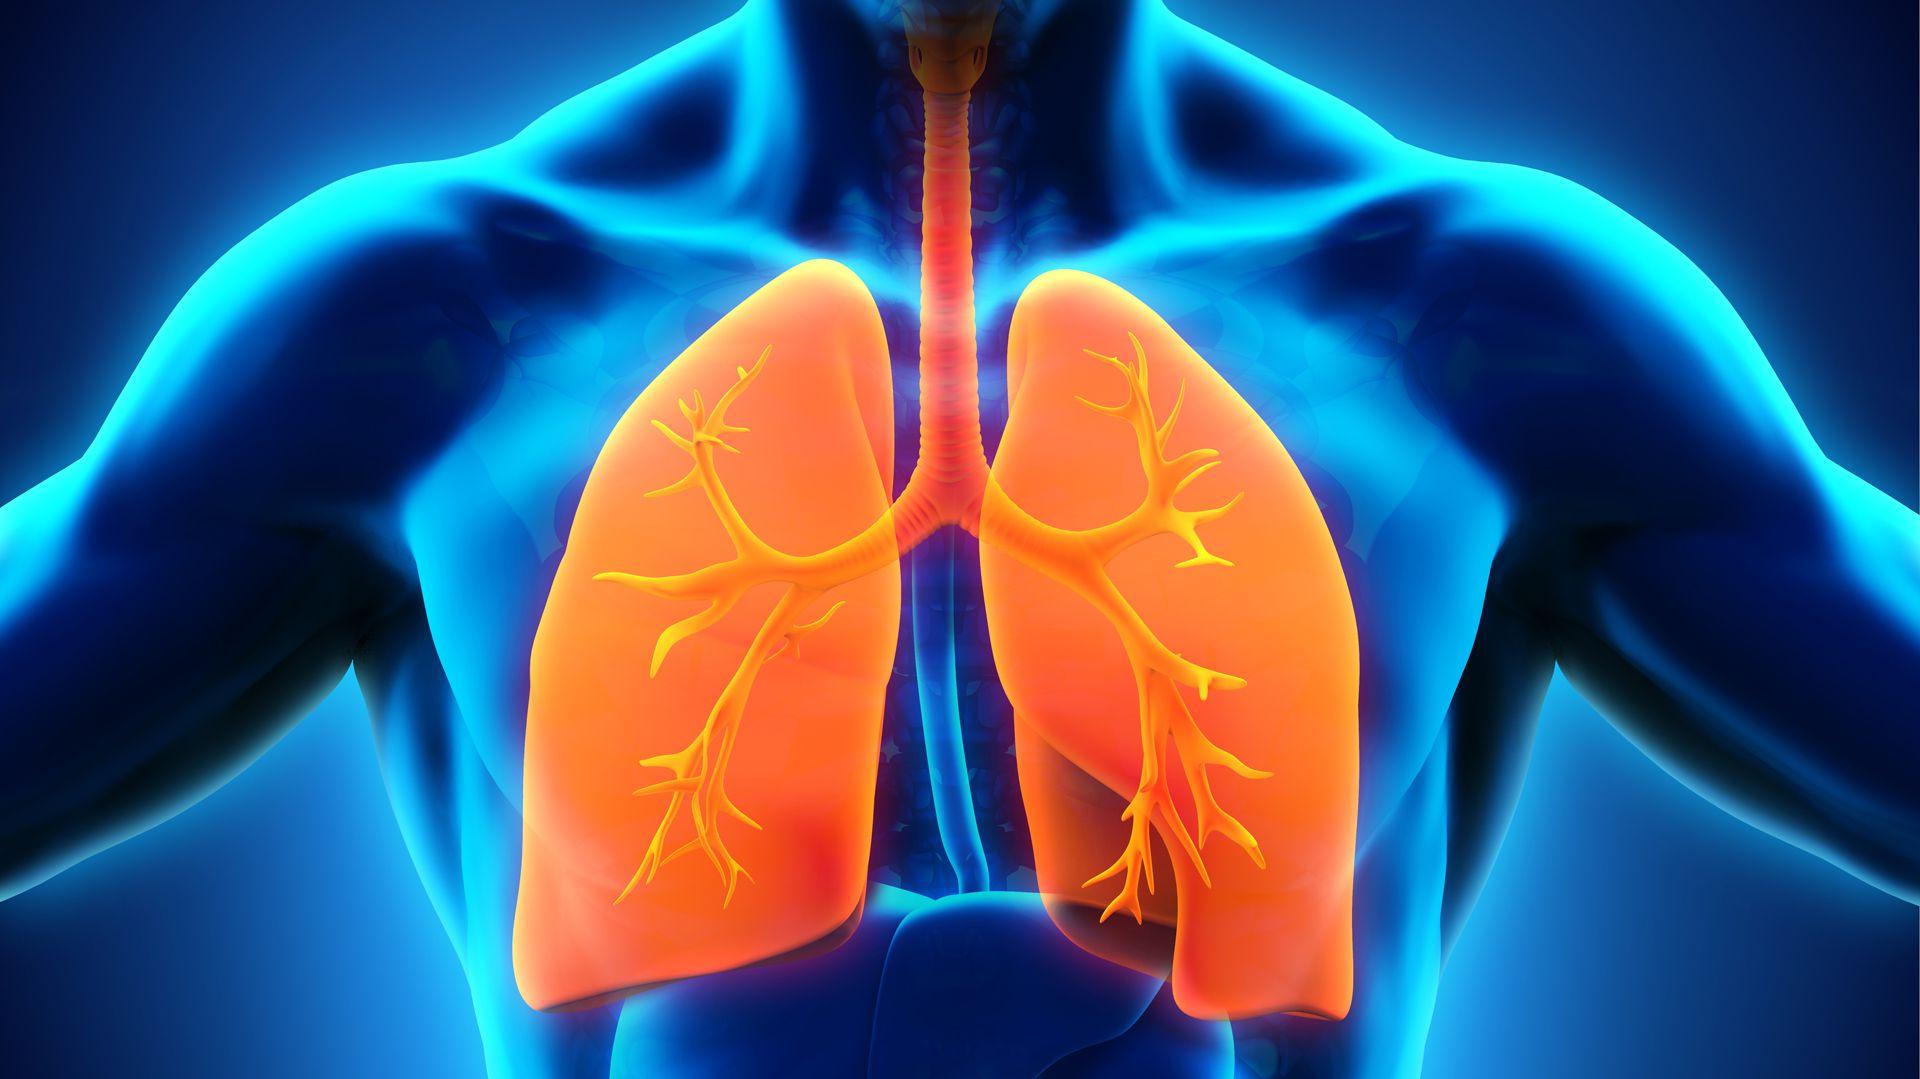 La bronquiolitis es una inflamación aguda y difusa del tracto respiratorio inferior (IRAB) causada por una infección de origen viral (Getty)